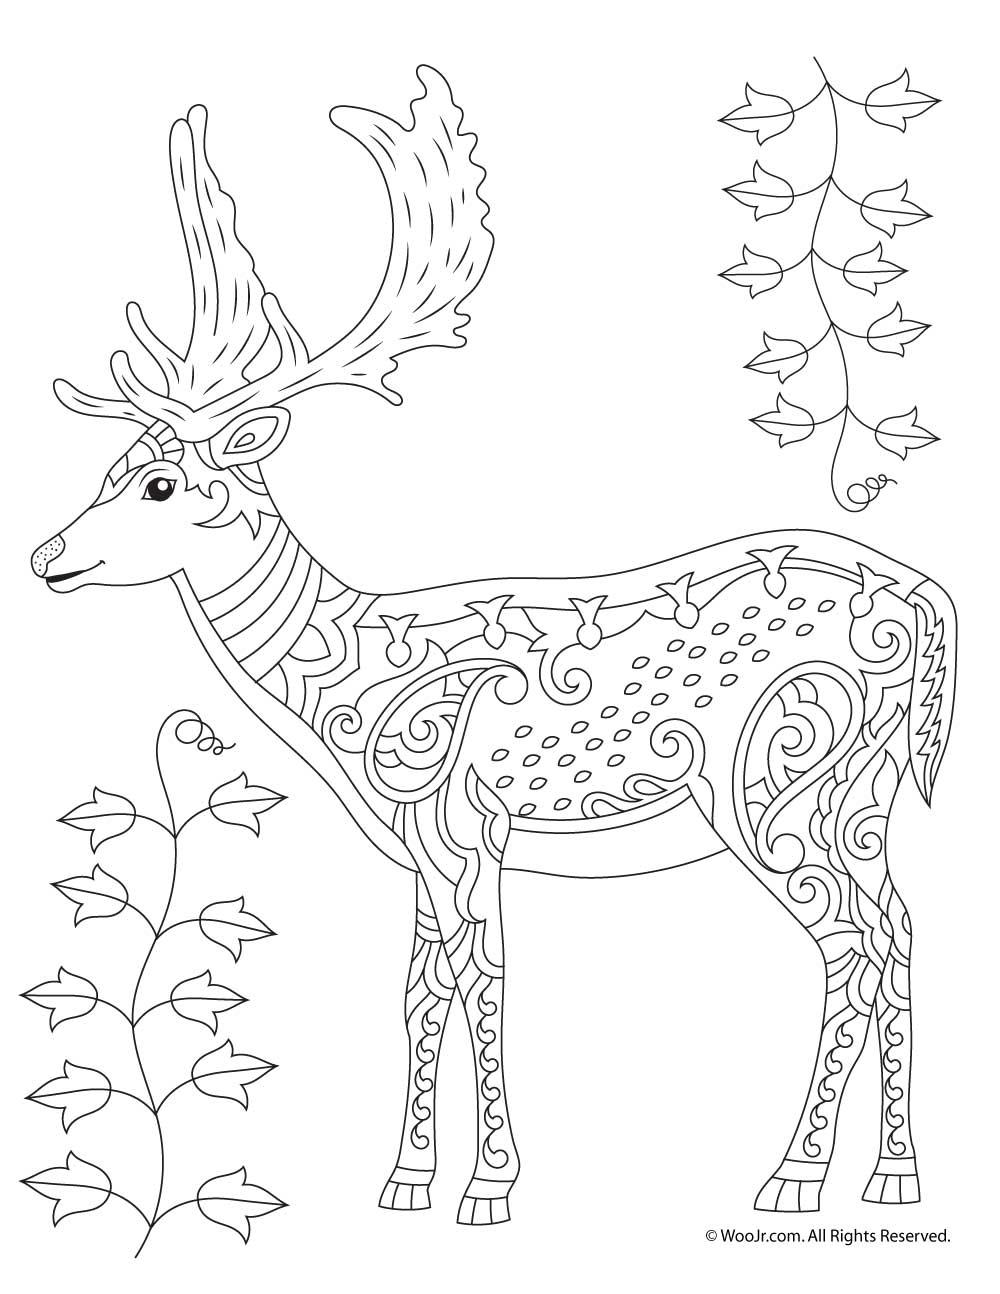 Deer Adult Coloring Page | Woo! Jr. Kids Activities